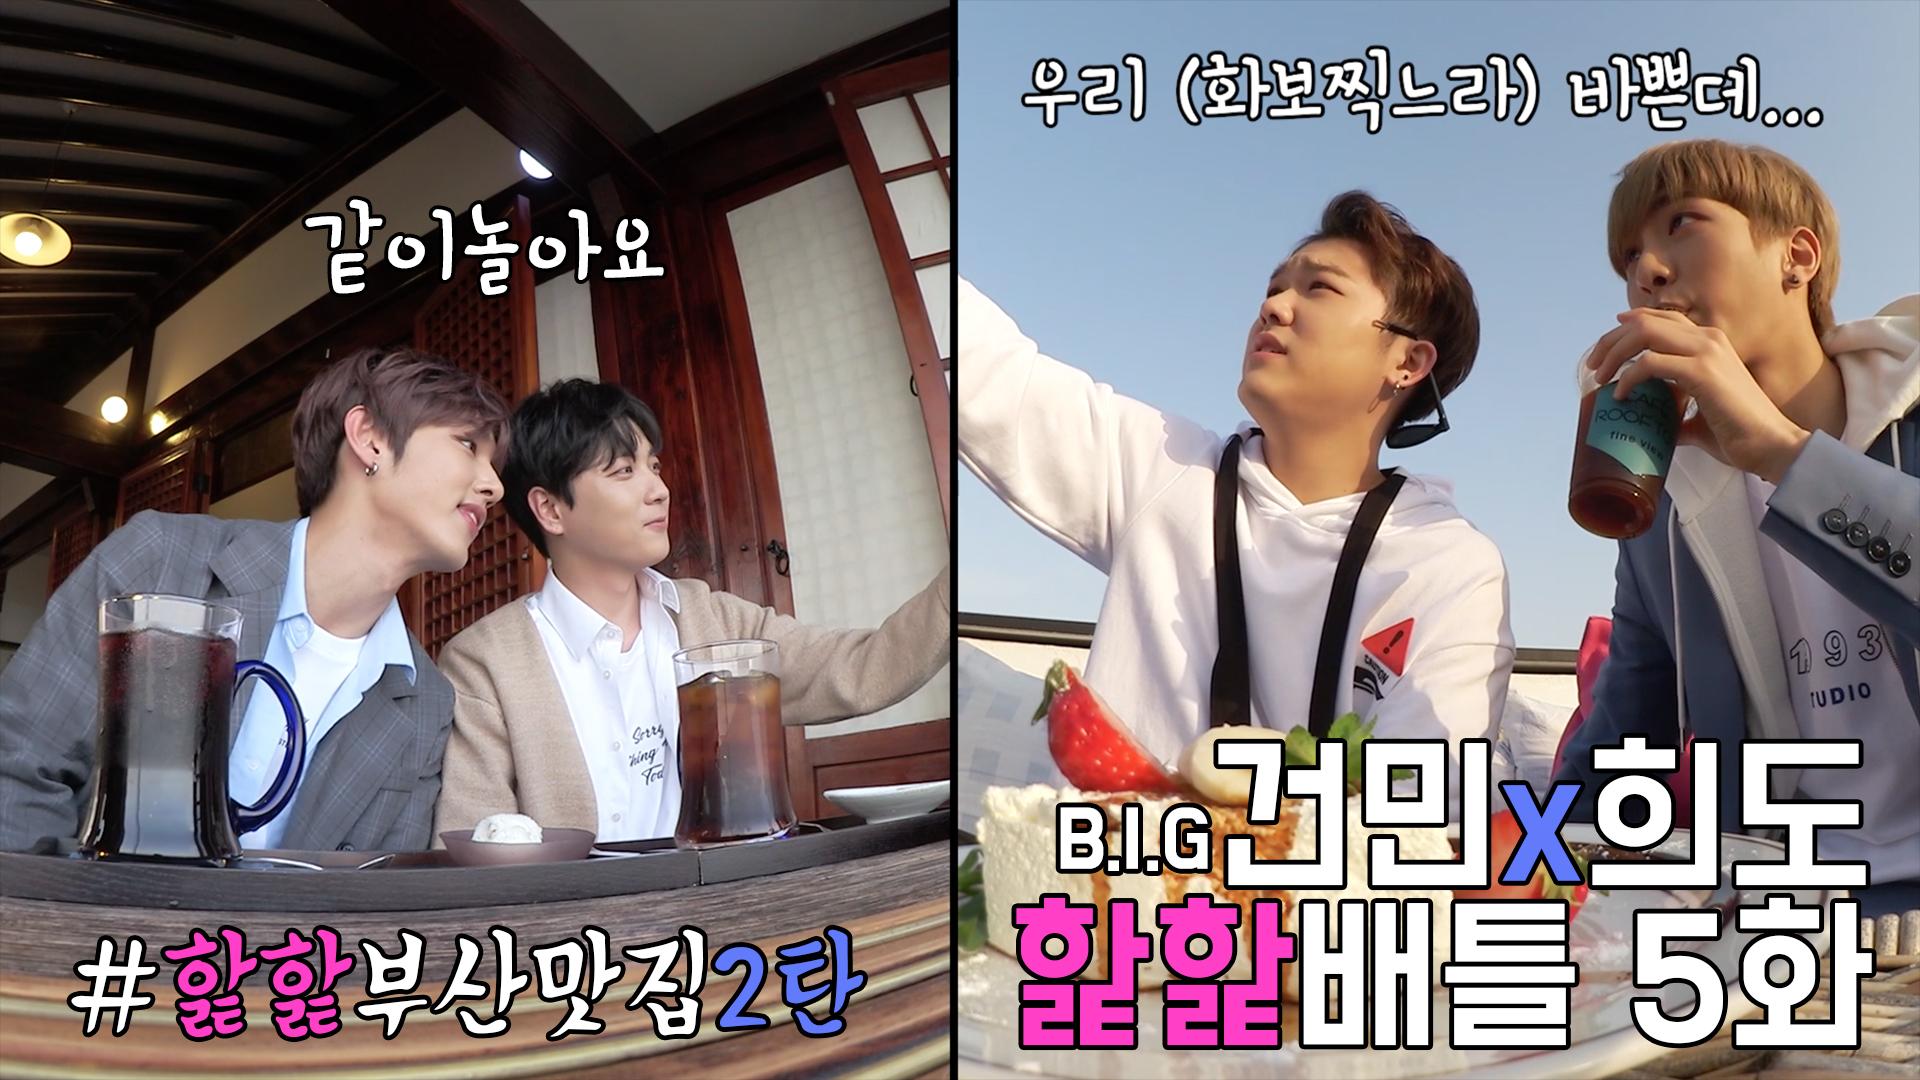 핥핥배틀 Ep.5 부산맛집 2탄 공개!